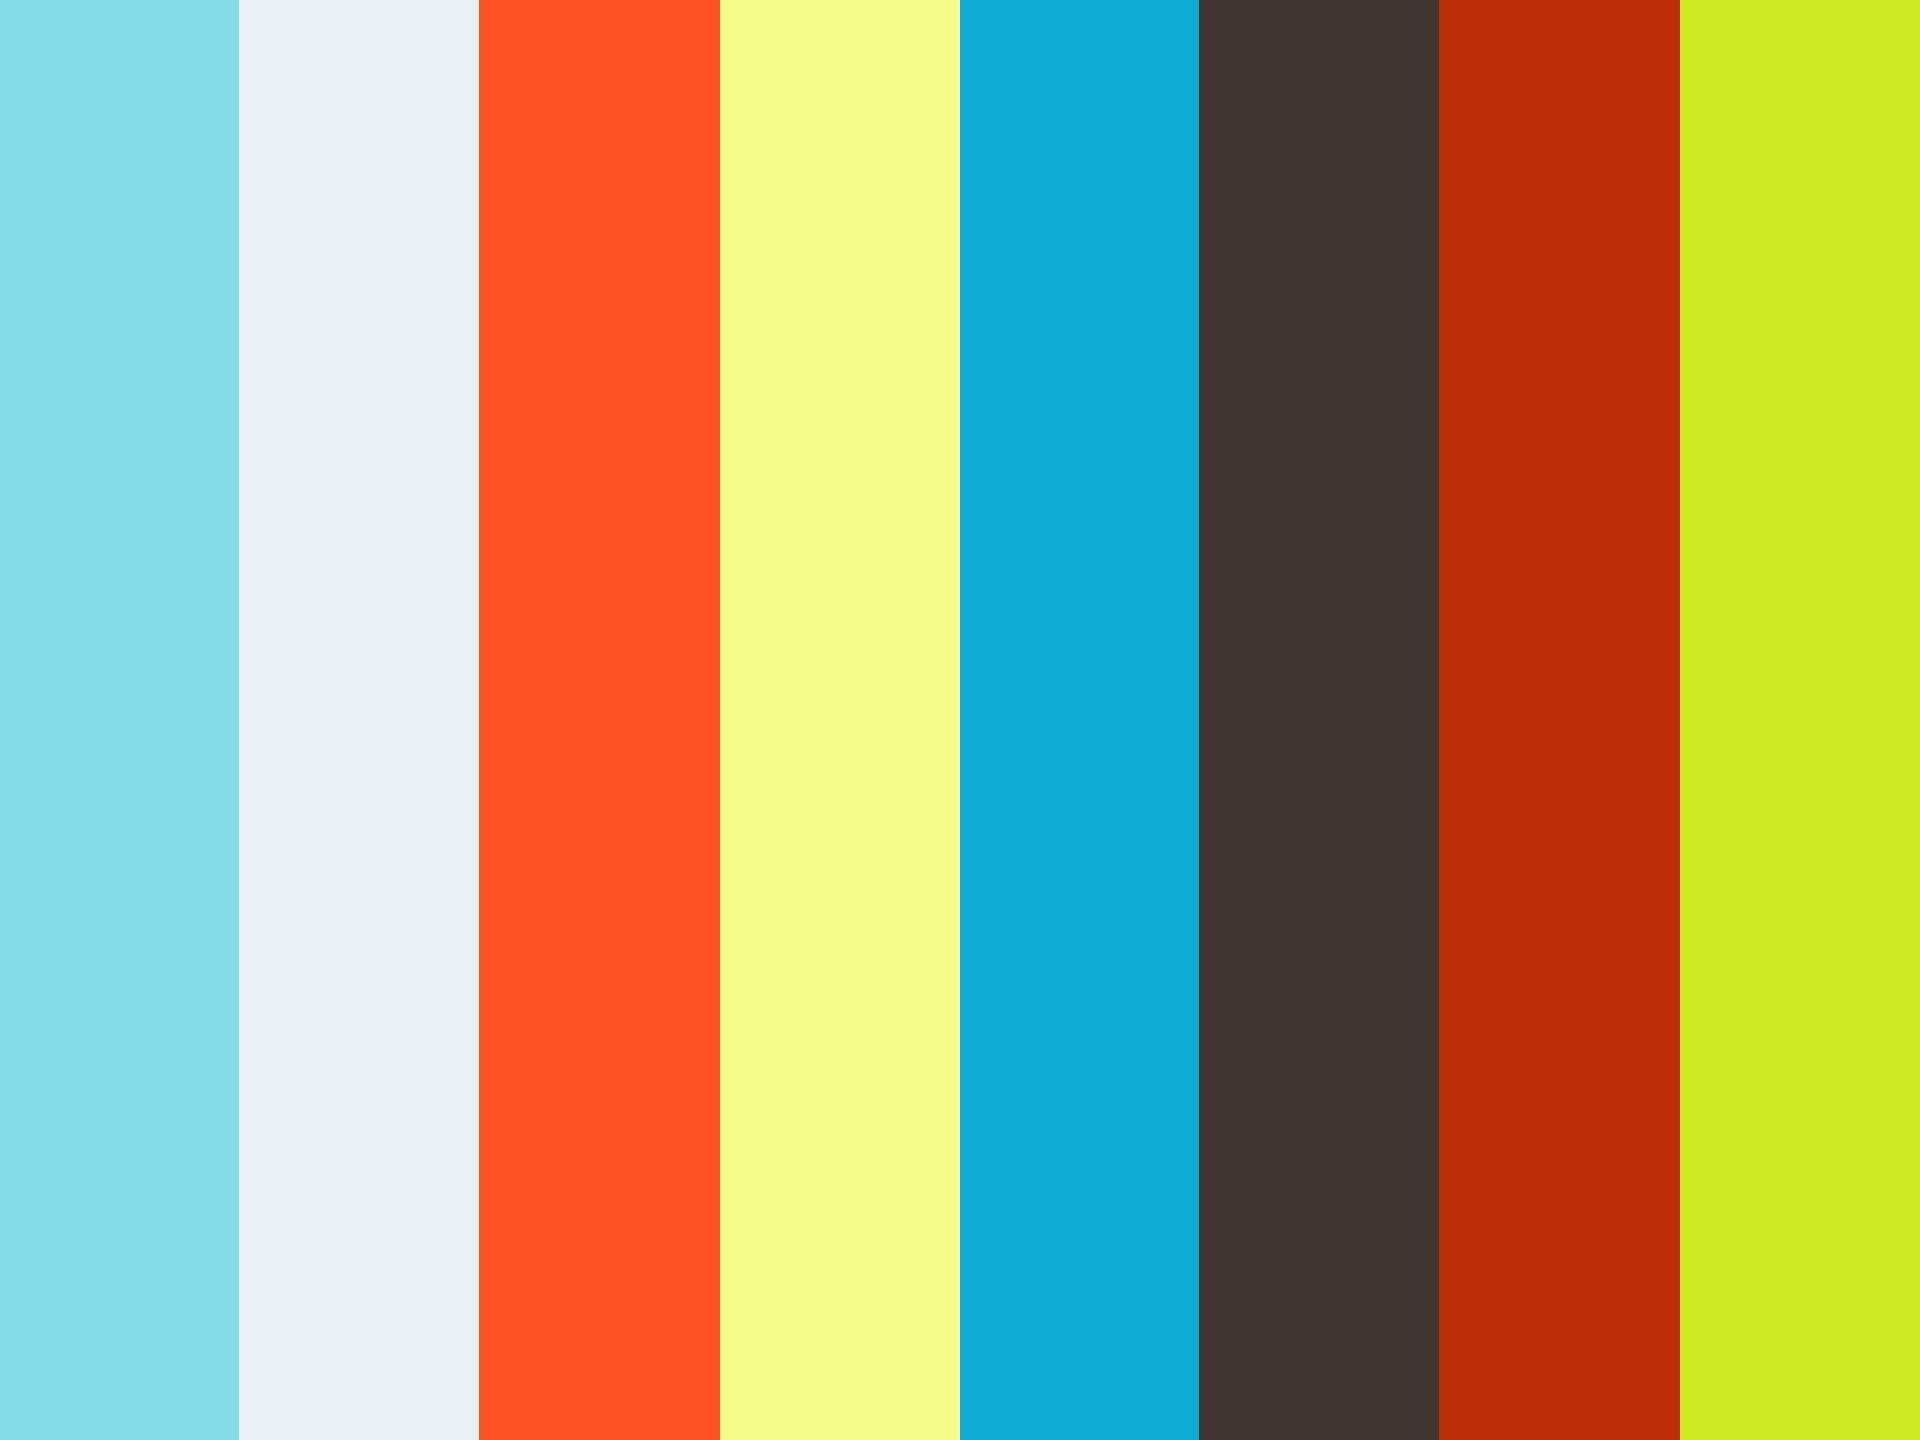 Aula de Excel 2013 - Formatação condicional (alterar cor da célula automaticamente) on Vimeo